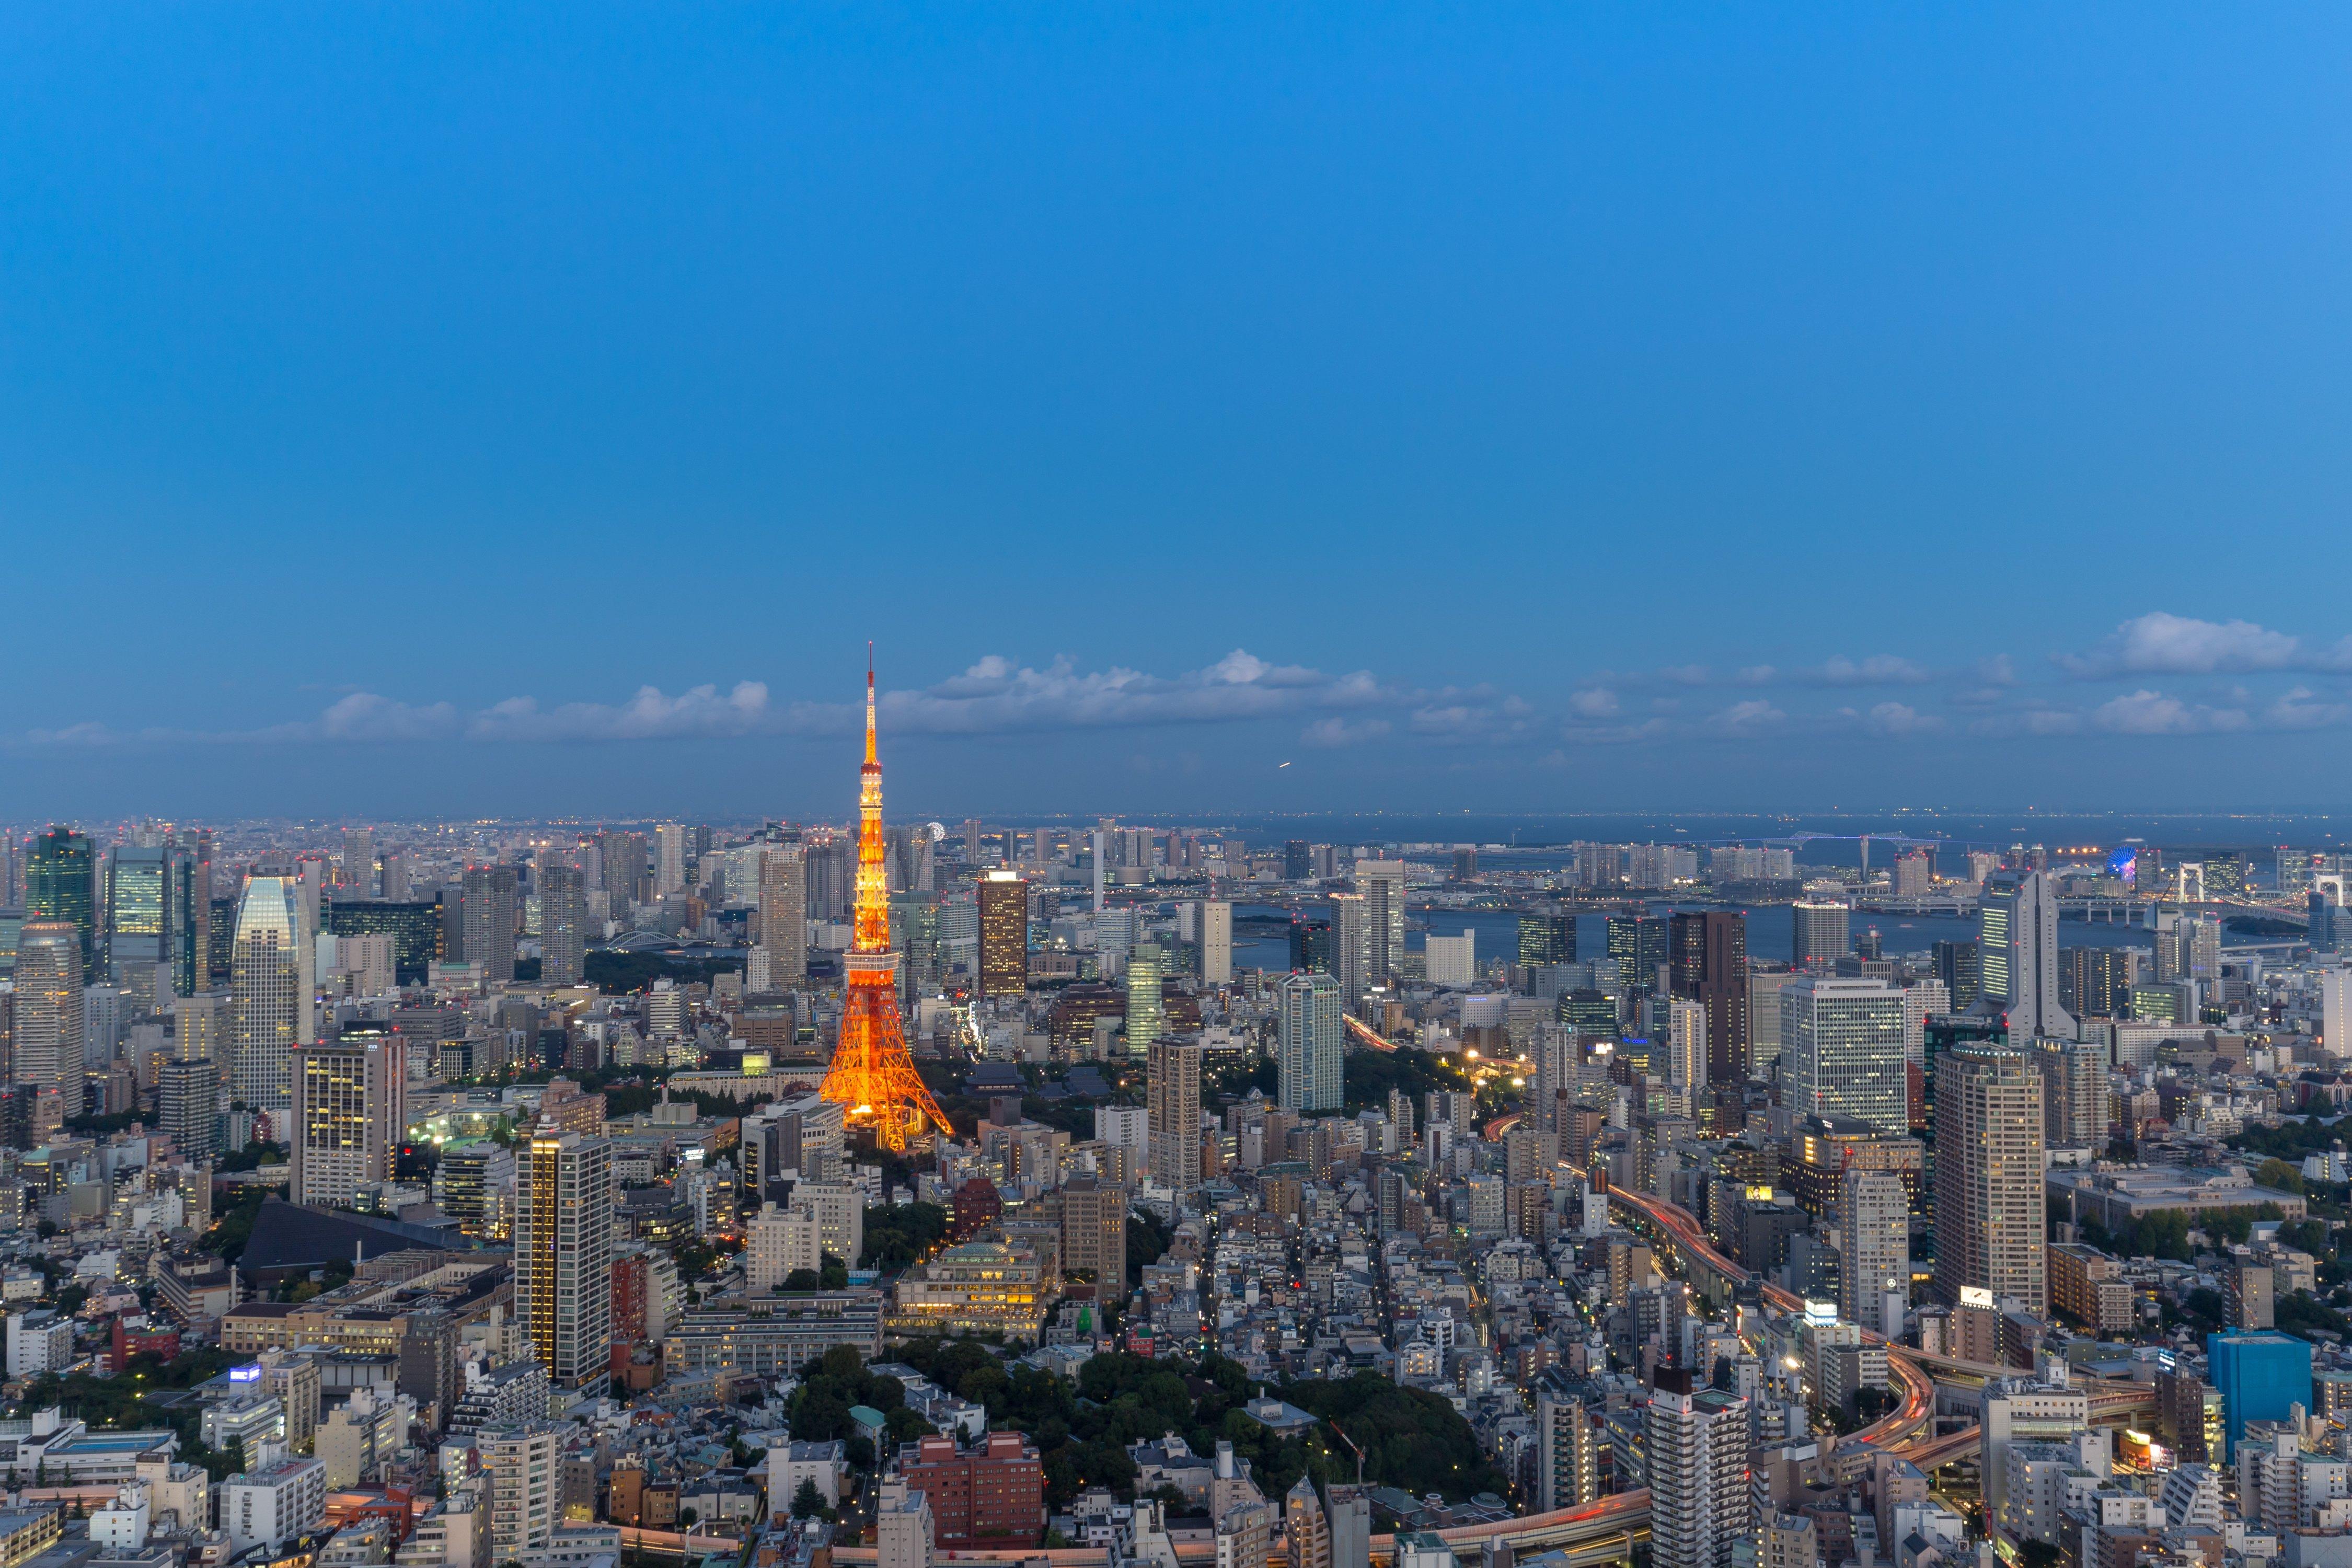 【東京周邊遊】精選東京近郊人氣景點TOP10